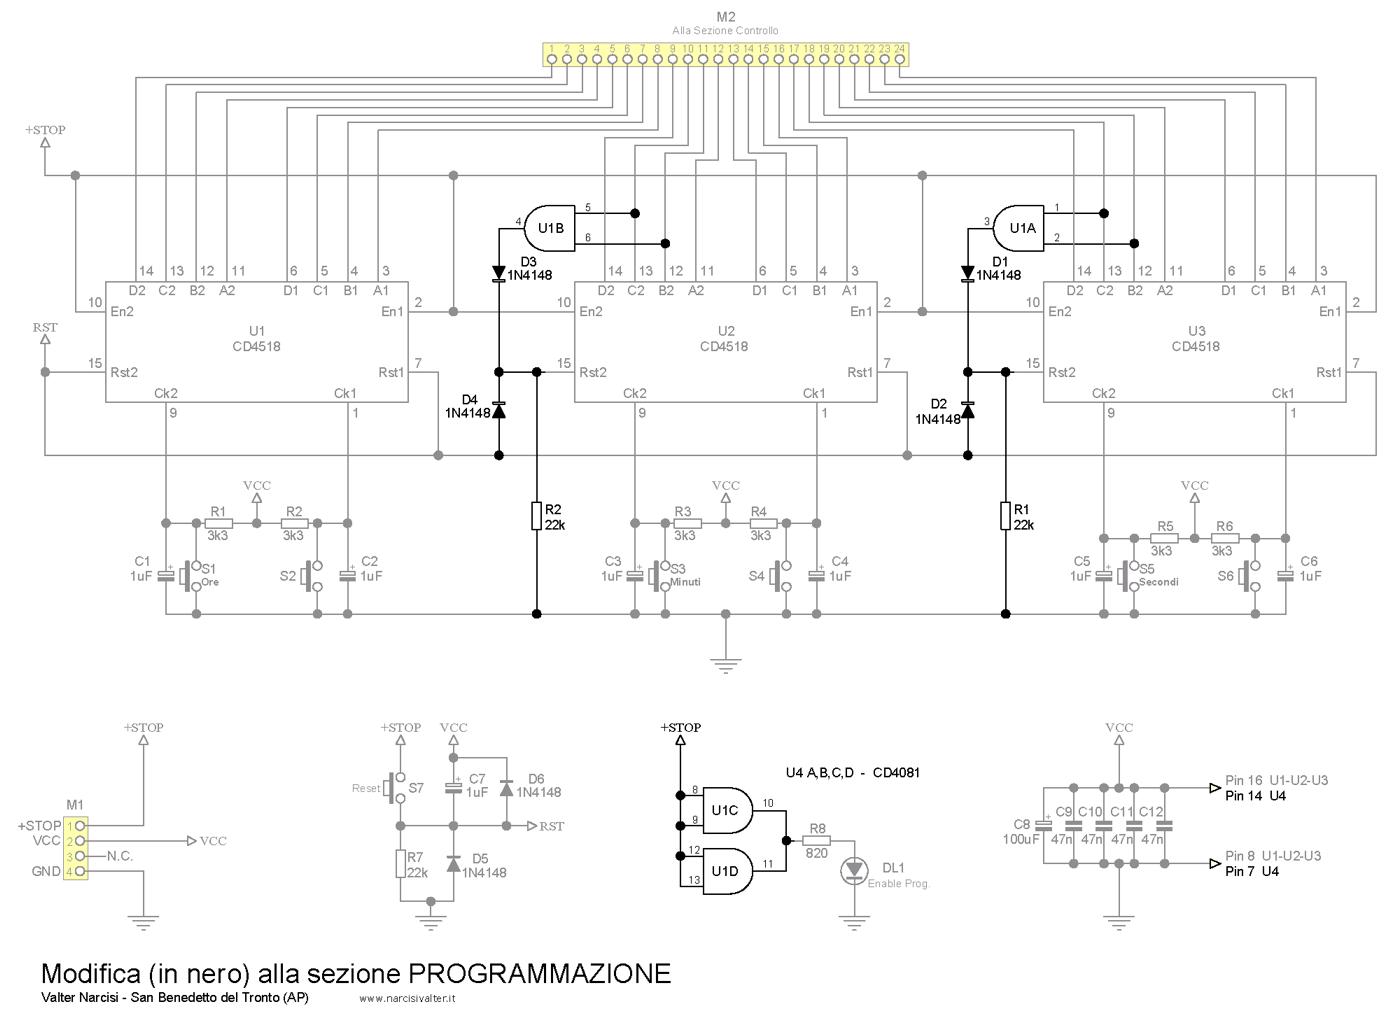 Schema Elettrico Timer Per Bromografo : Timer digitale programmabile hh mm ss fino a ore